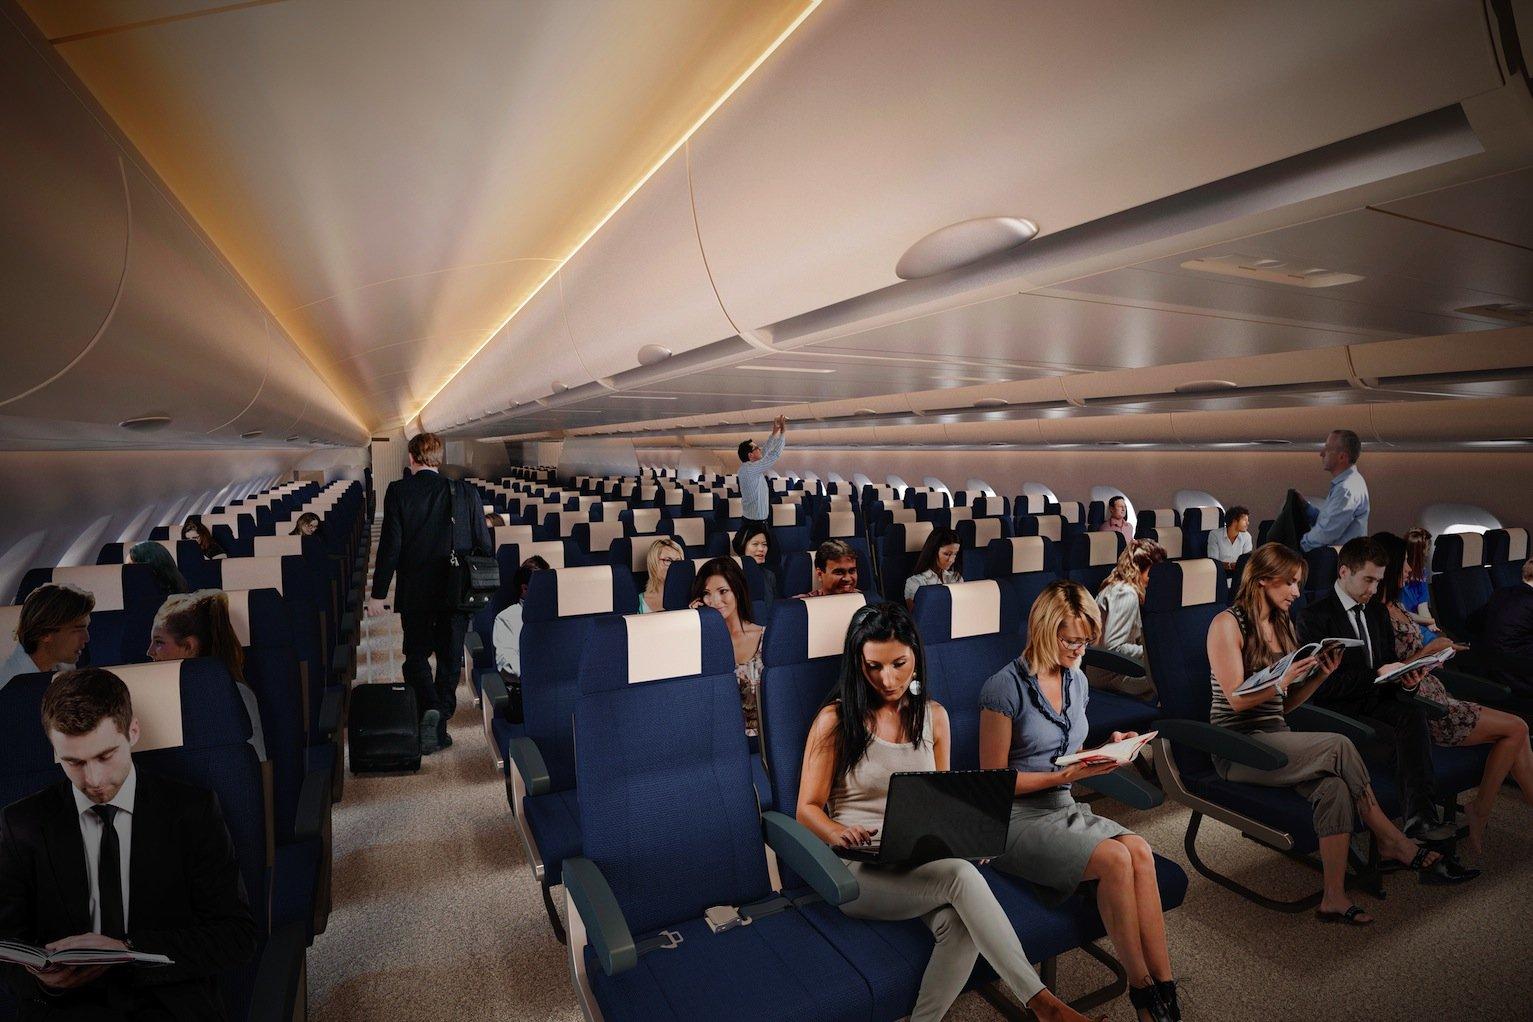 Der Großraumjet bietet Passagieren durch seine plattgedrückte Form deutlich mehr Platz.